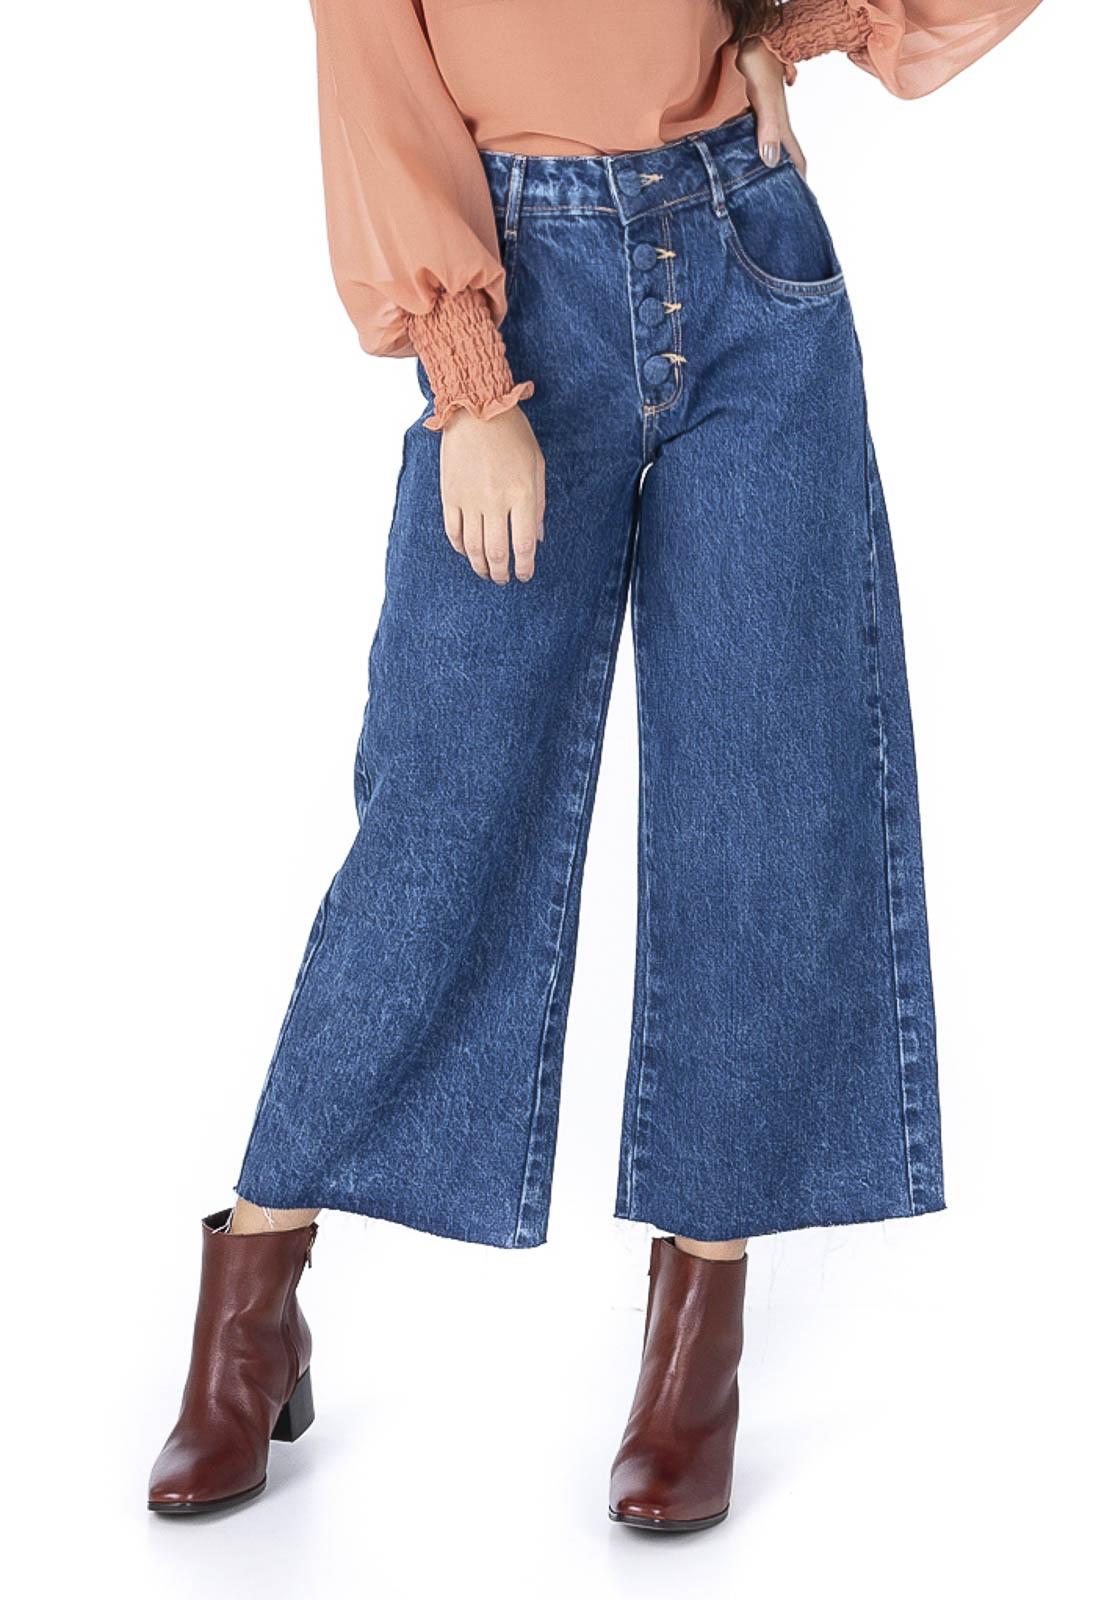 Calça Pantacourt Botões Encapados Jeans Escuro Pkd